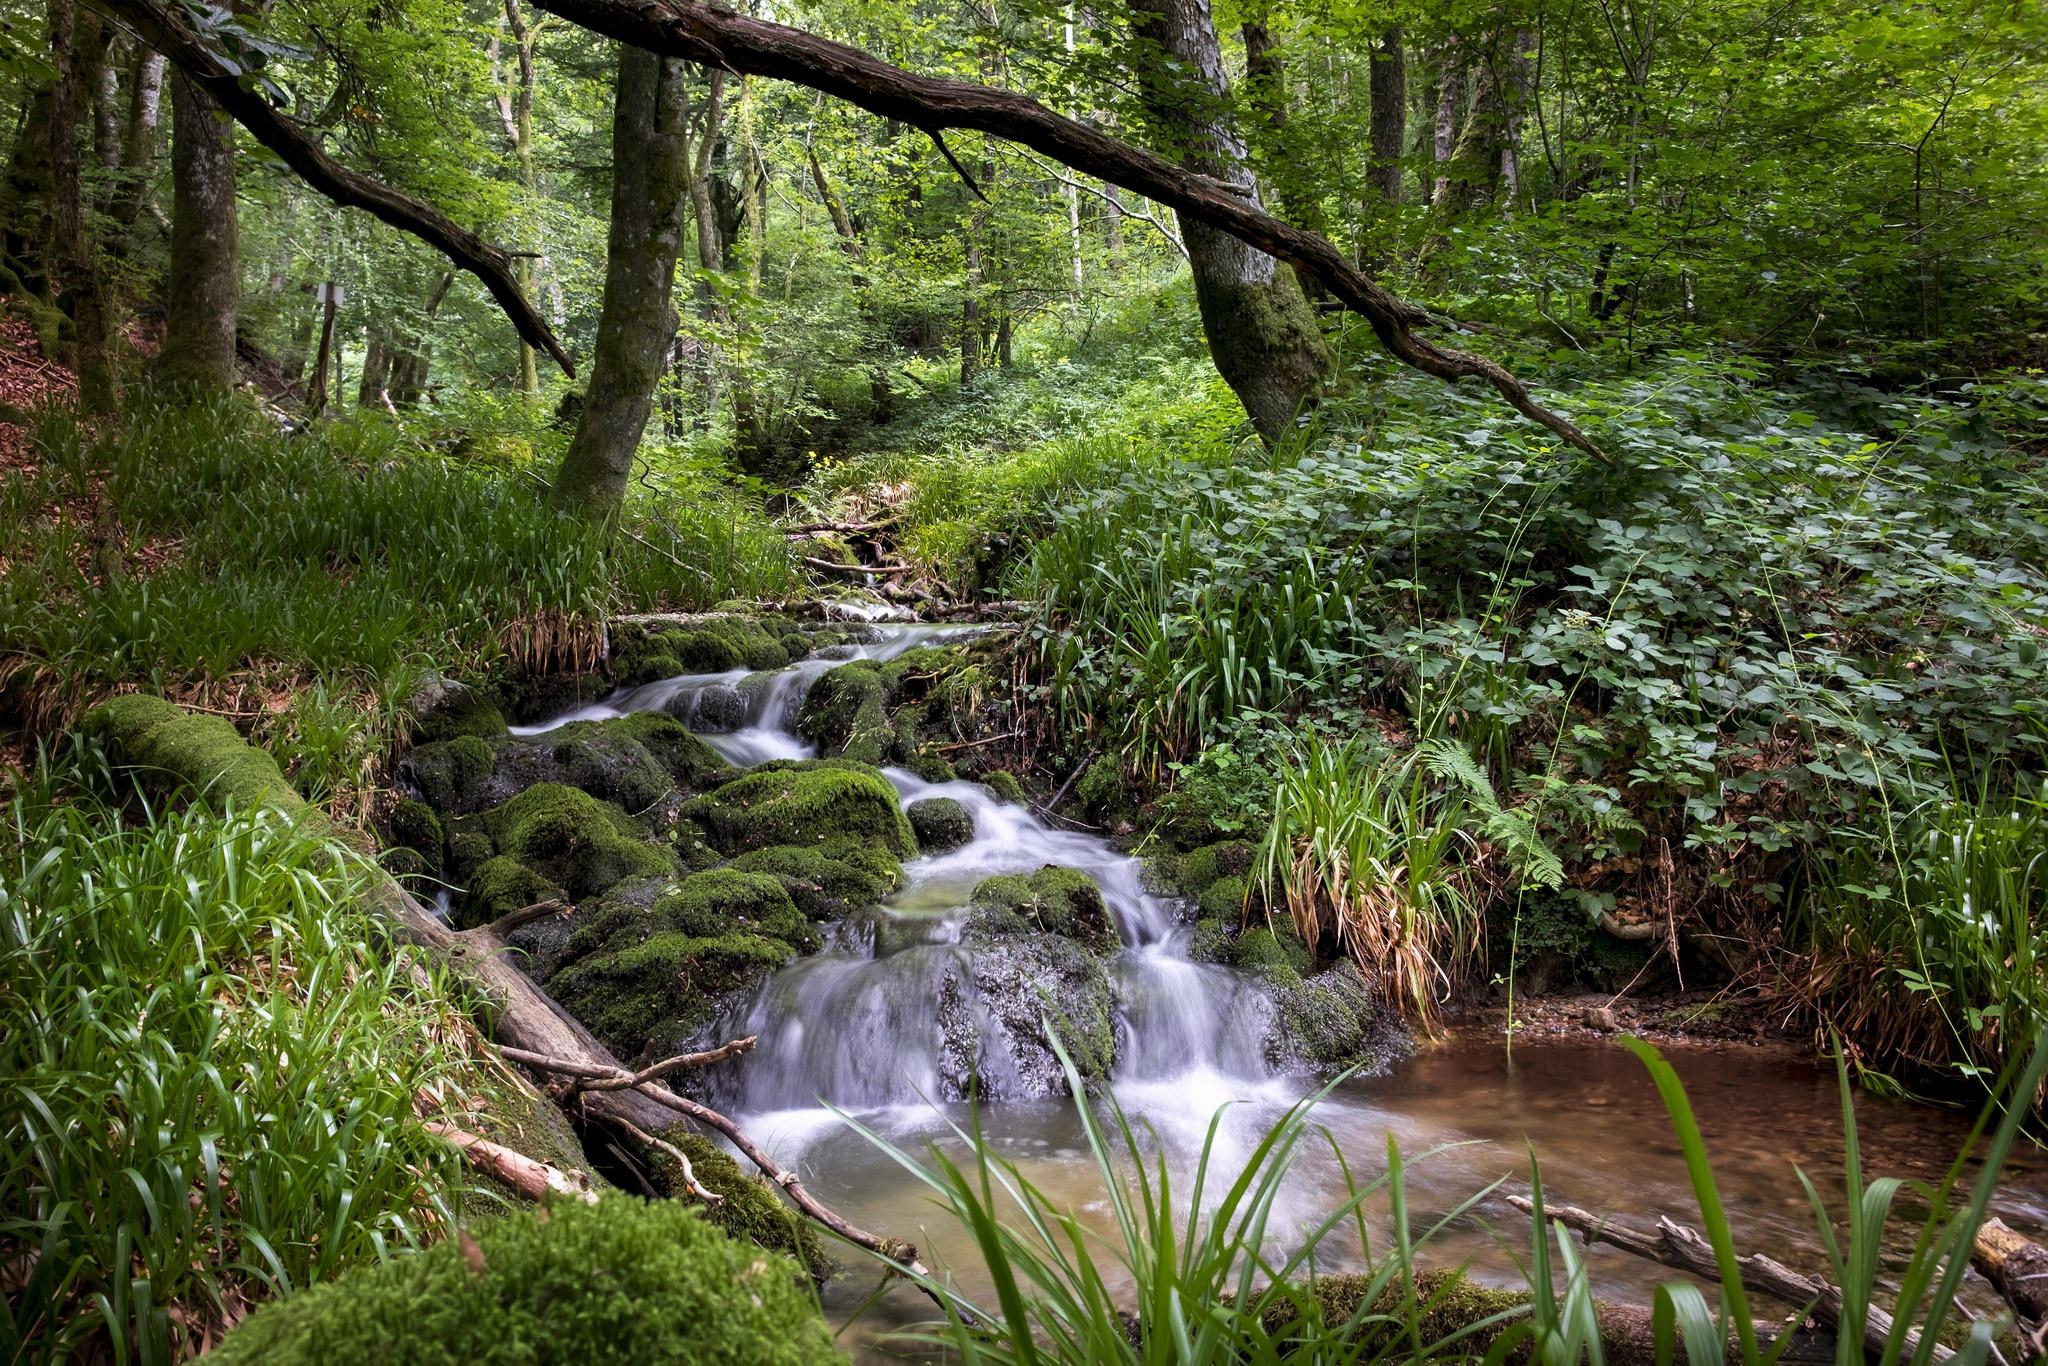 фото ручей в лесу терпится